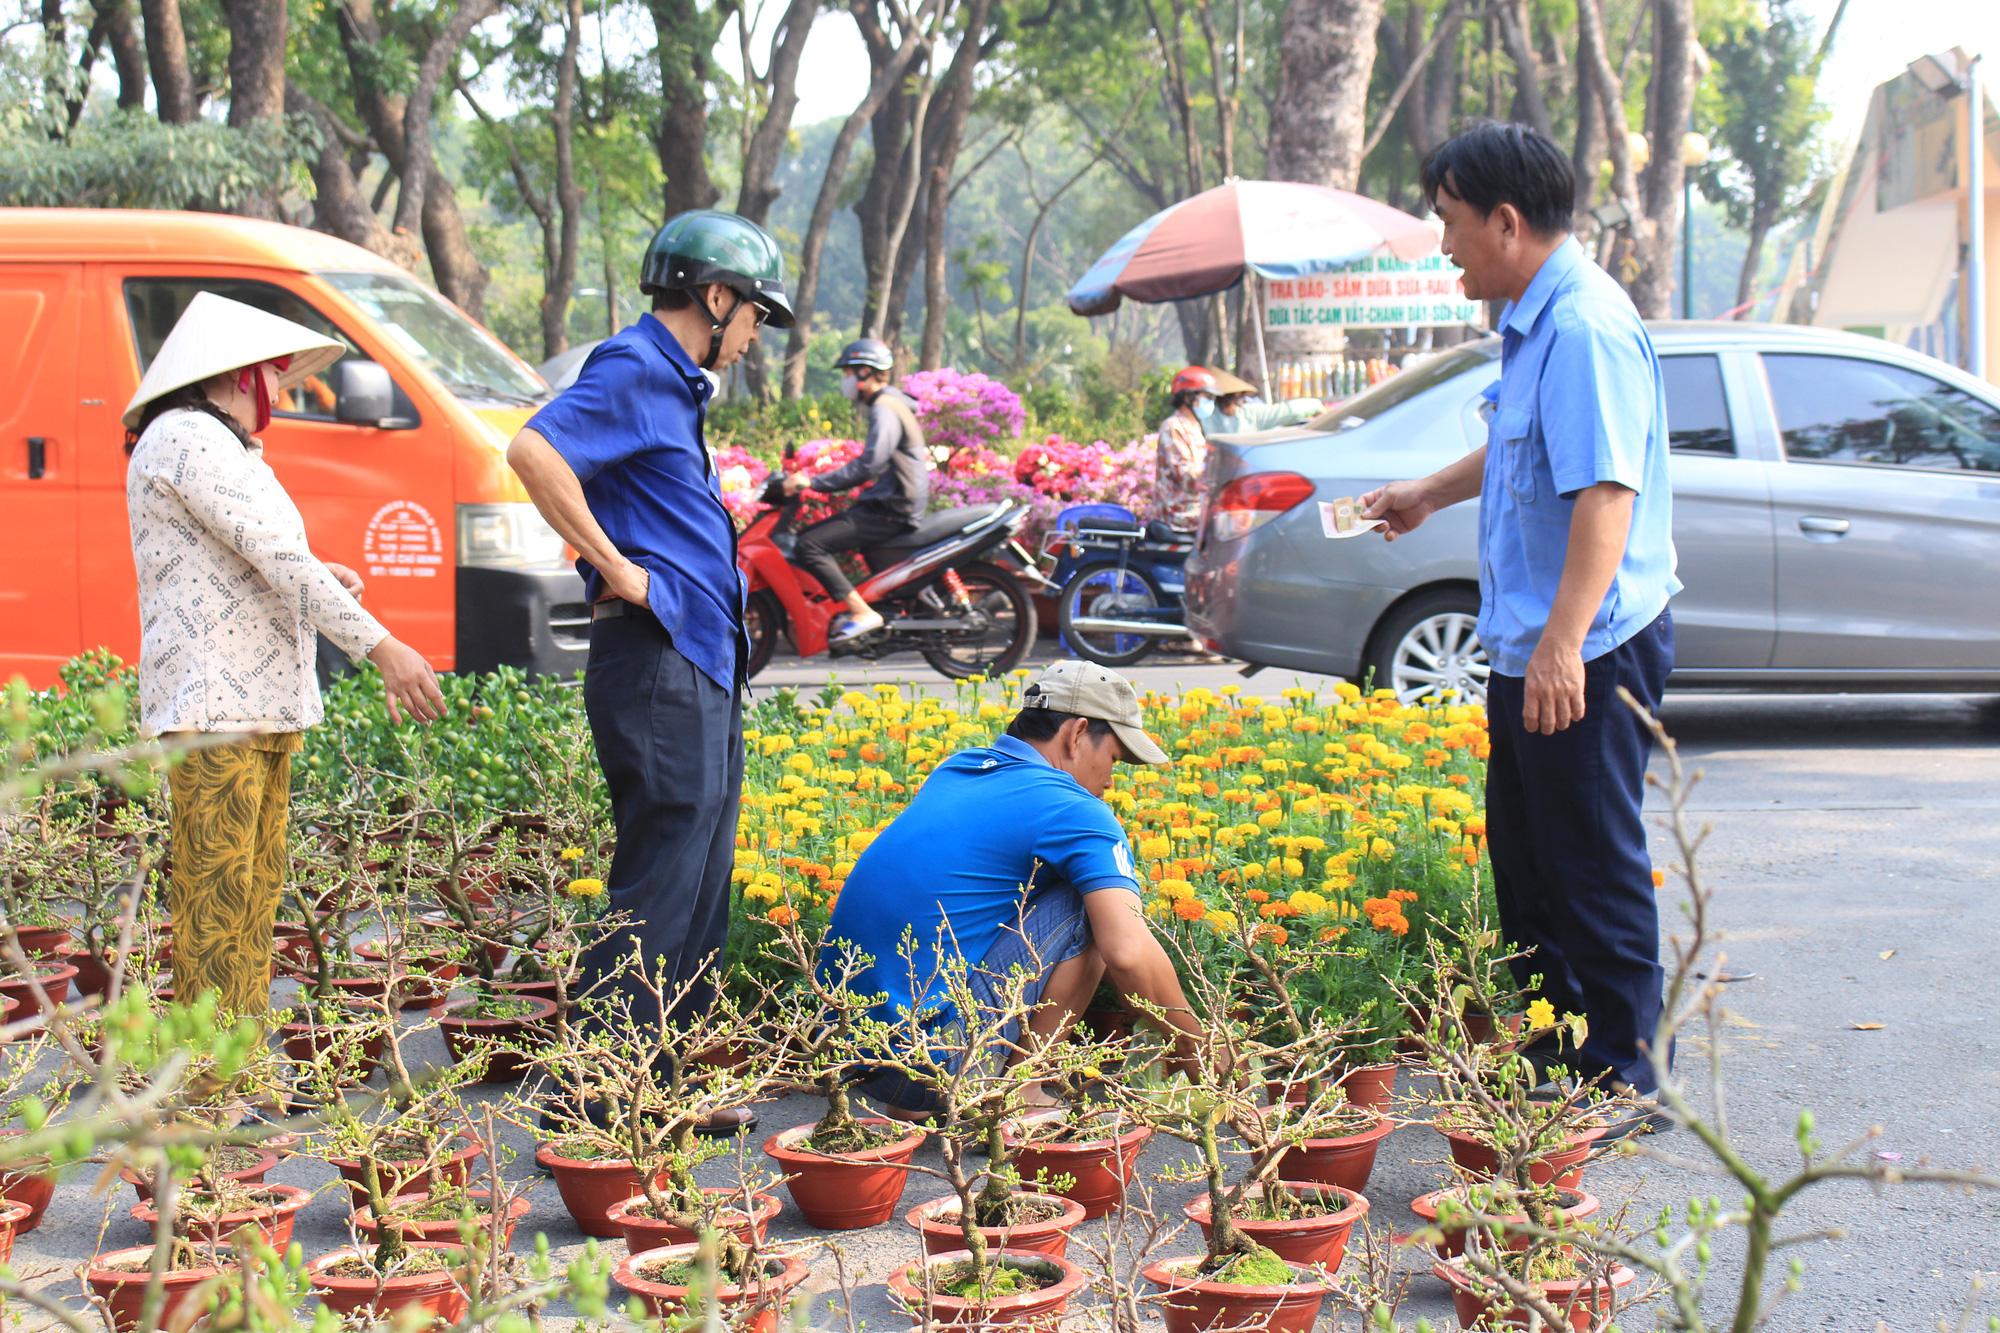 Mai Sài Gòn ồ ạt ra chợ, đi máy bay ra Hà Nội, sang Campuchia với giá hàng chục triệu đồng - Ảnh 8.